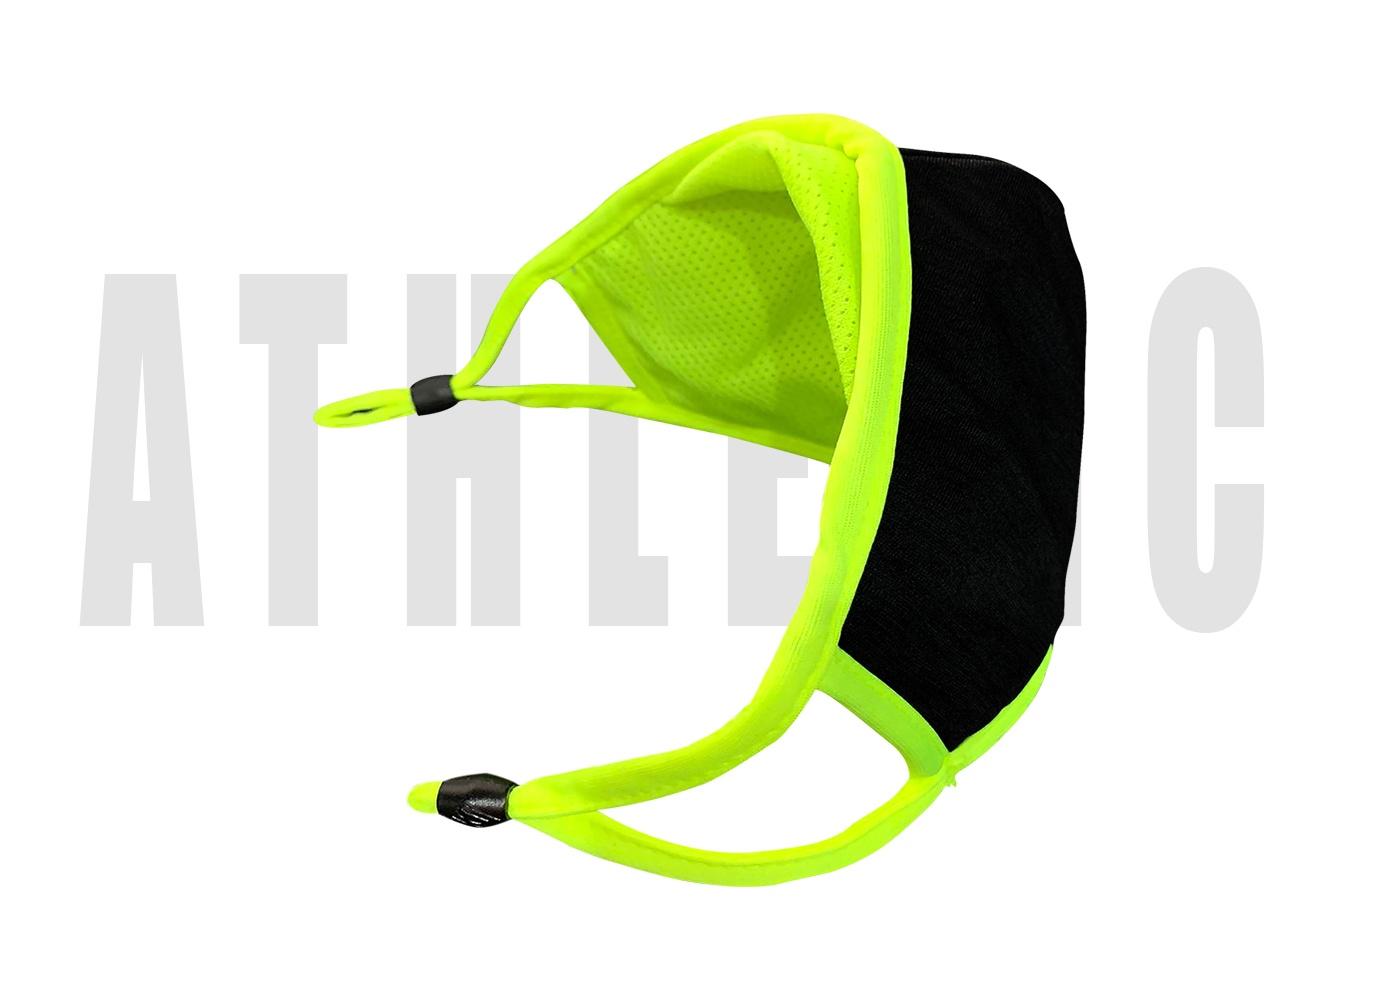 Atletic-Mask-UBM98